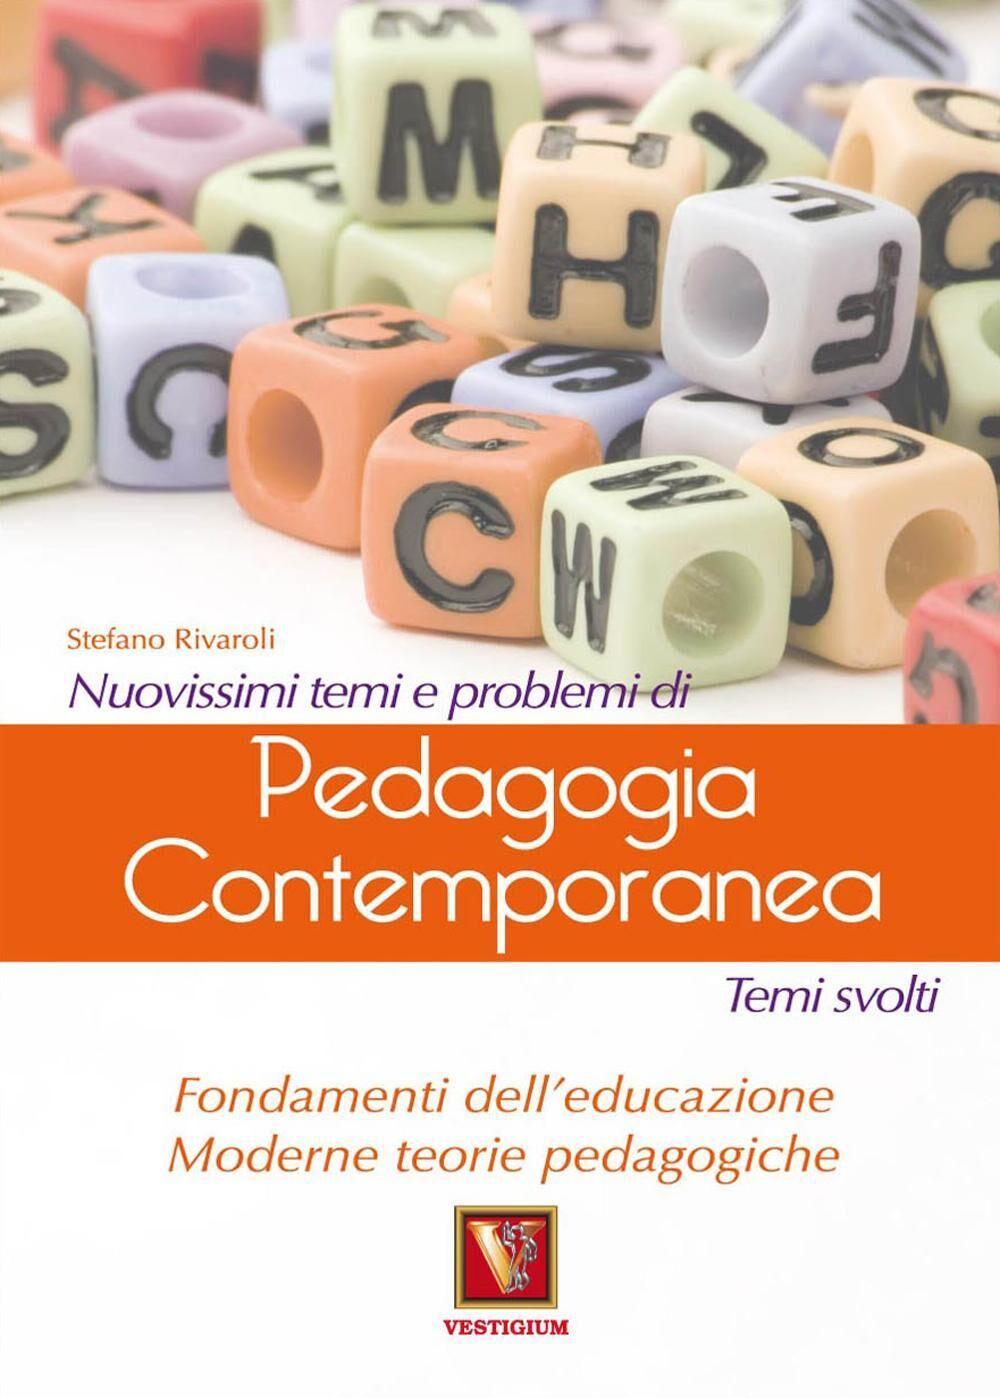 Nuovissimi temi e problemi di pedagogia contemporanea